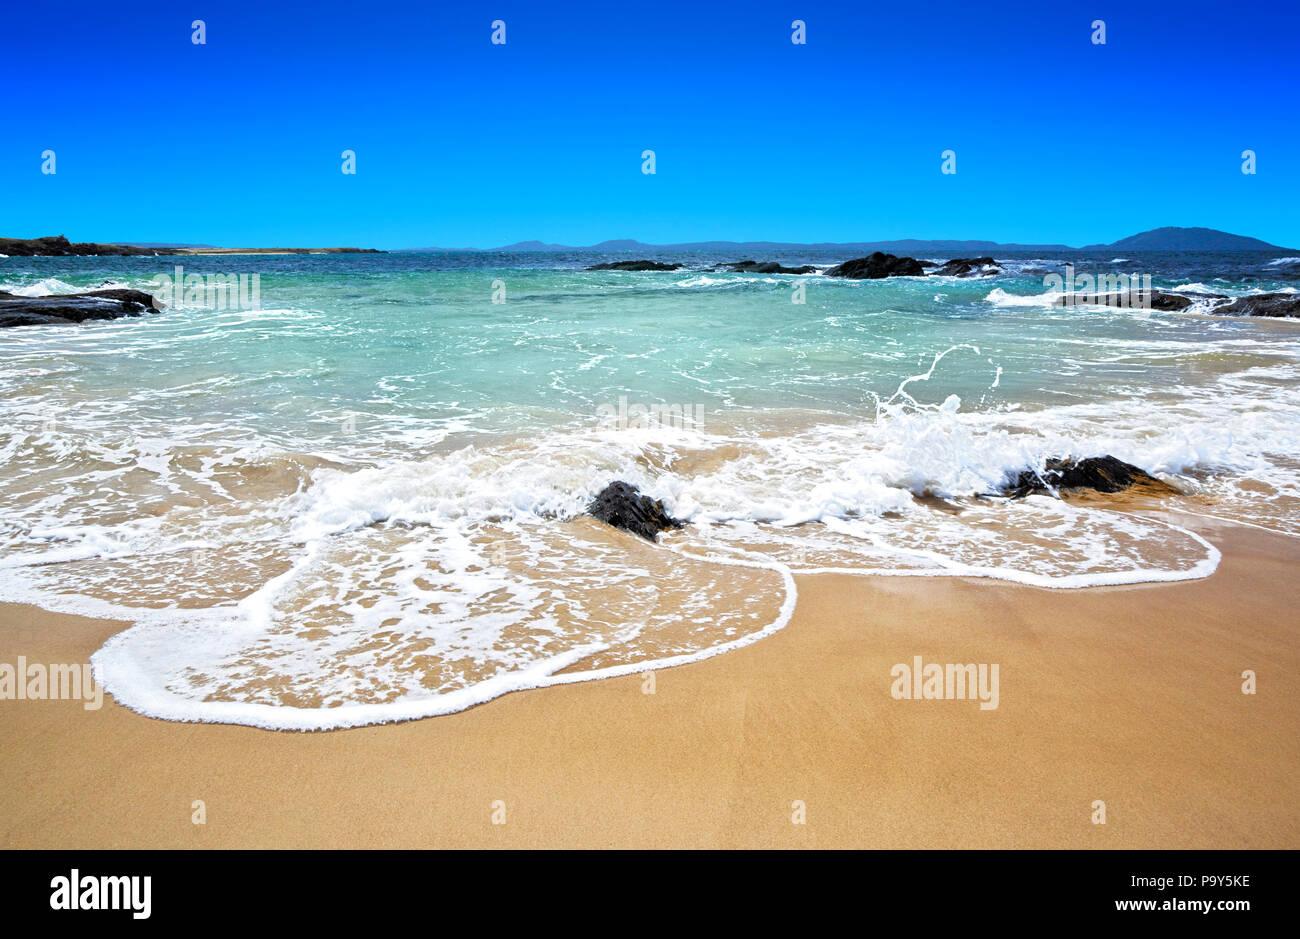 Ein wunderschoener Strand in Australien - Stock Image